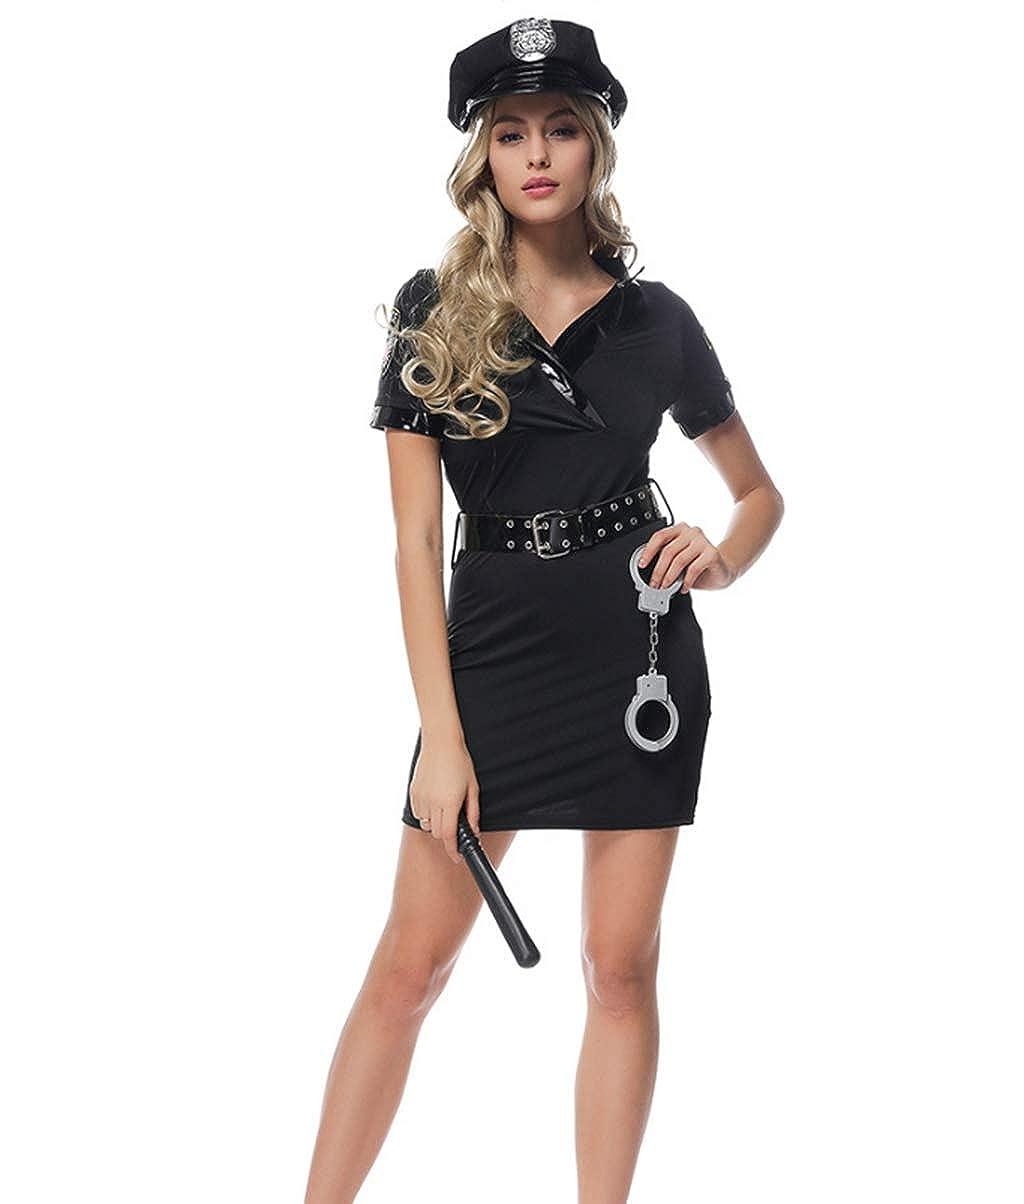 YL Style Policía Uniforme de policía Uniforme para Mujer ...